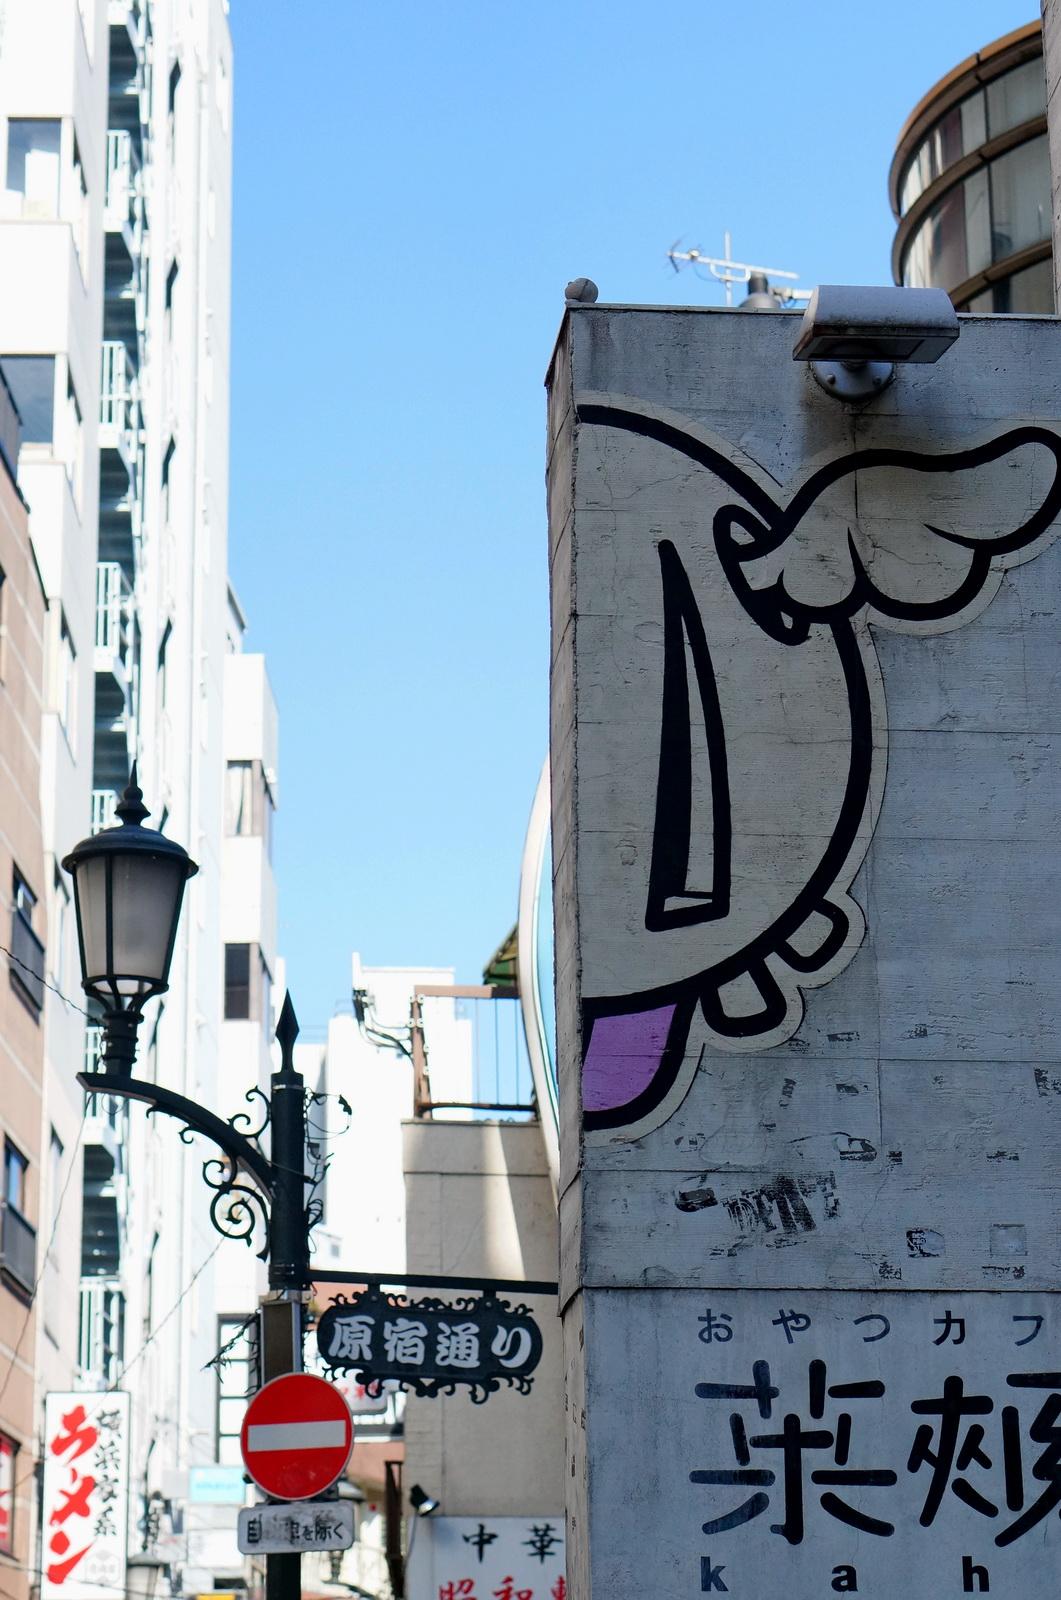 takeshita-dori, takeshita street, tokyo city guide, tokyo, japan, japan trip, street life, japon, voyage au japon, street art japon, street art japan, street art tokyo